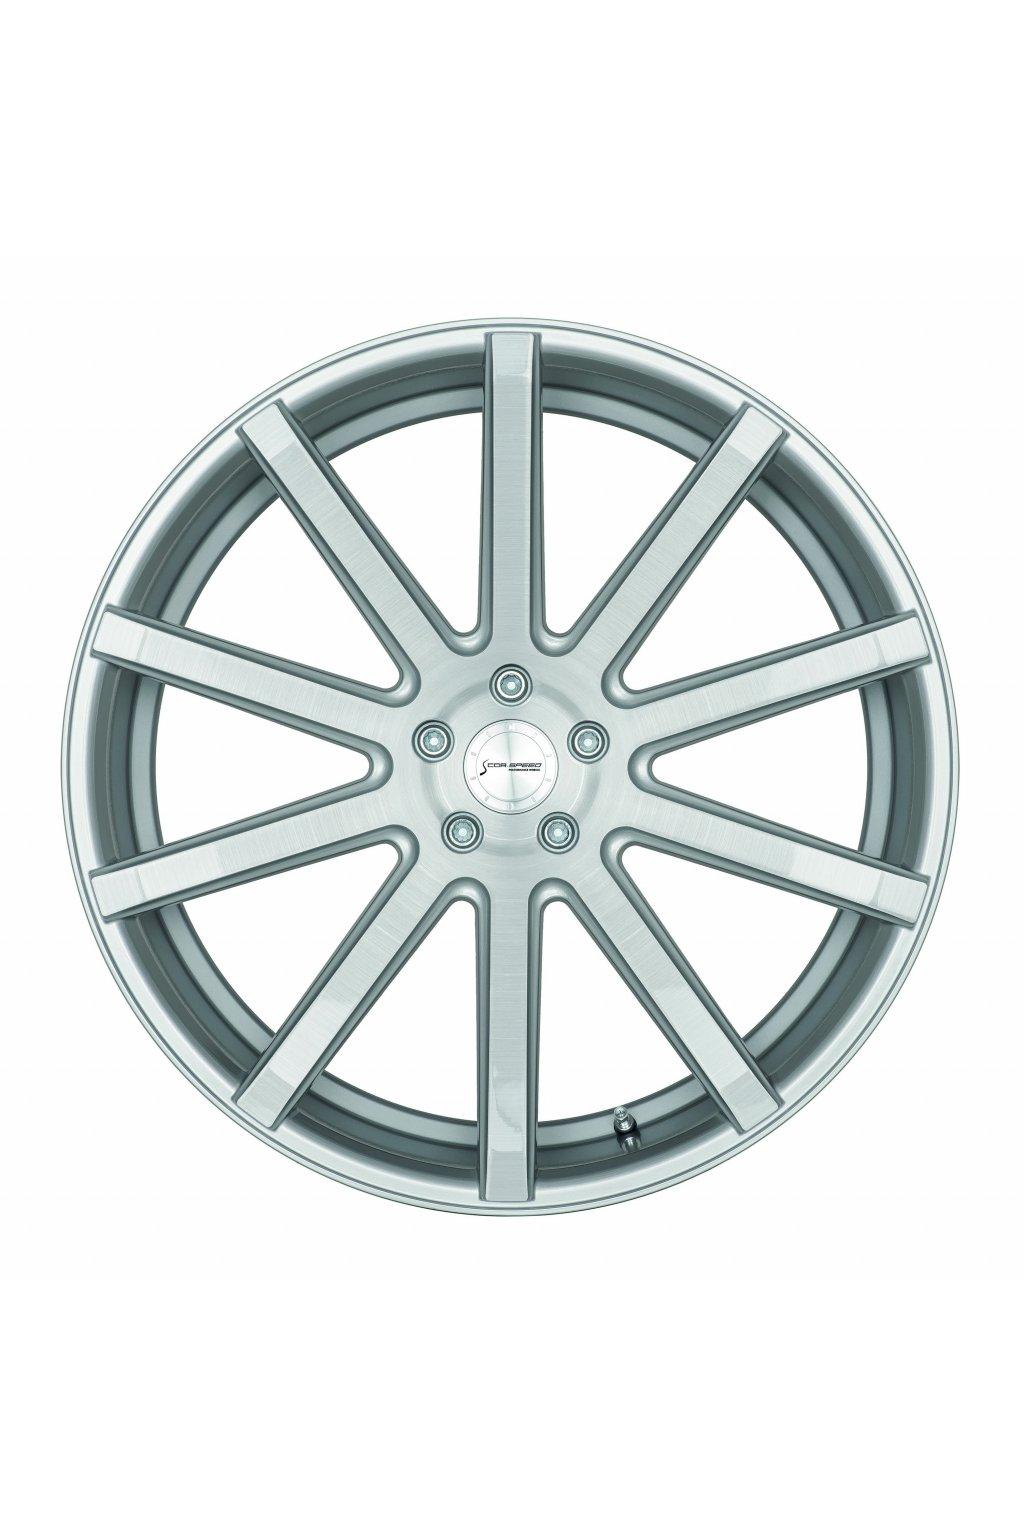 Disk CORSPEED DEVILLE 12,0x22 / 5x120 nur Motorsport/ohne Strassenzulassung